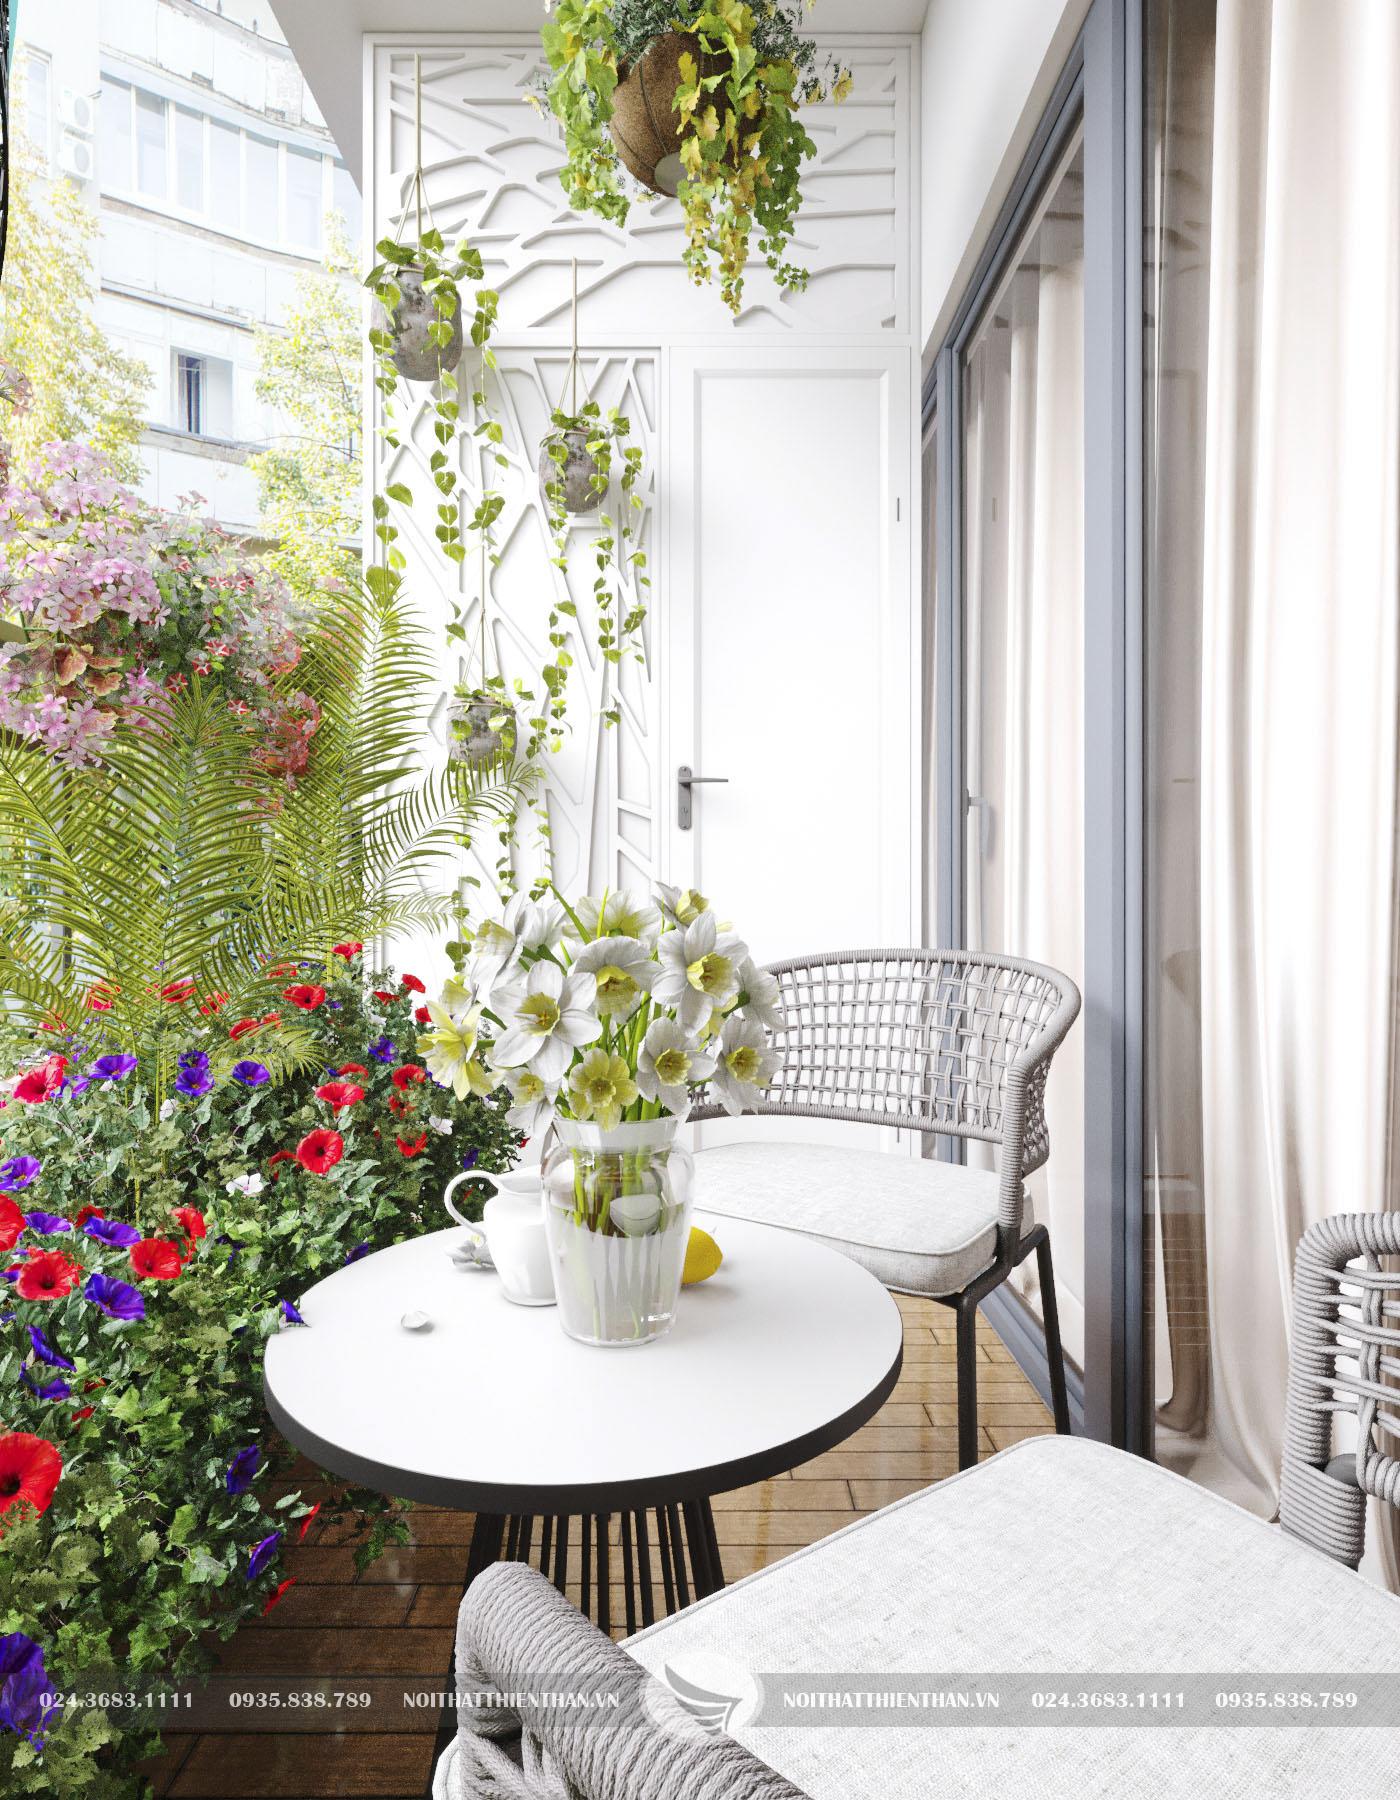 thiết kế căn hộ chung cư đẹp có view ban công cực chất